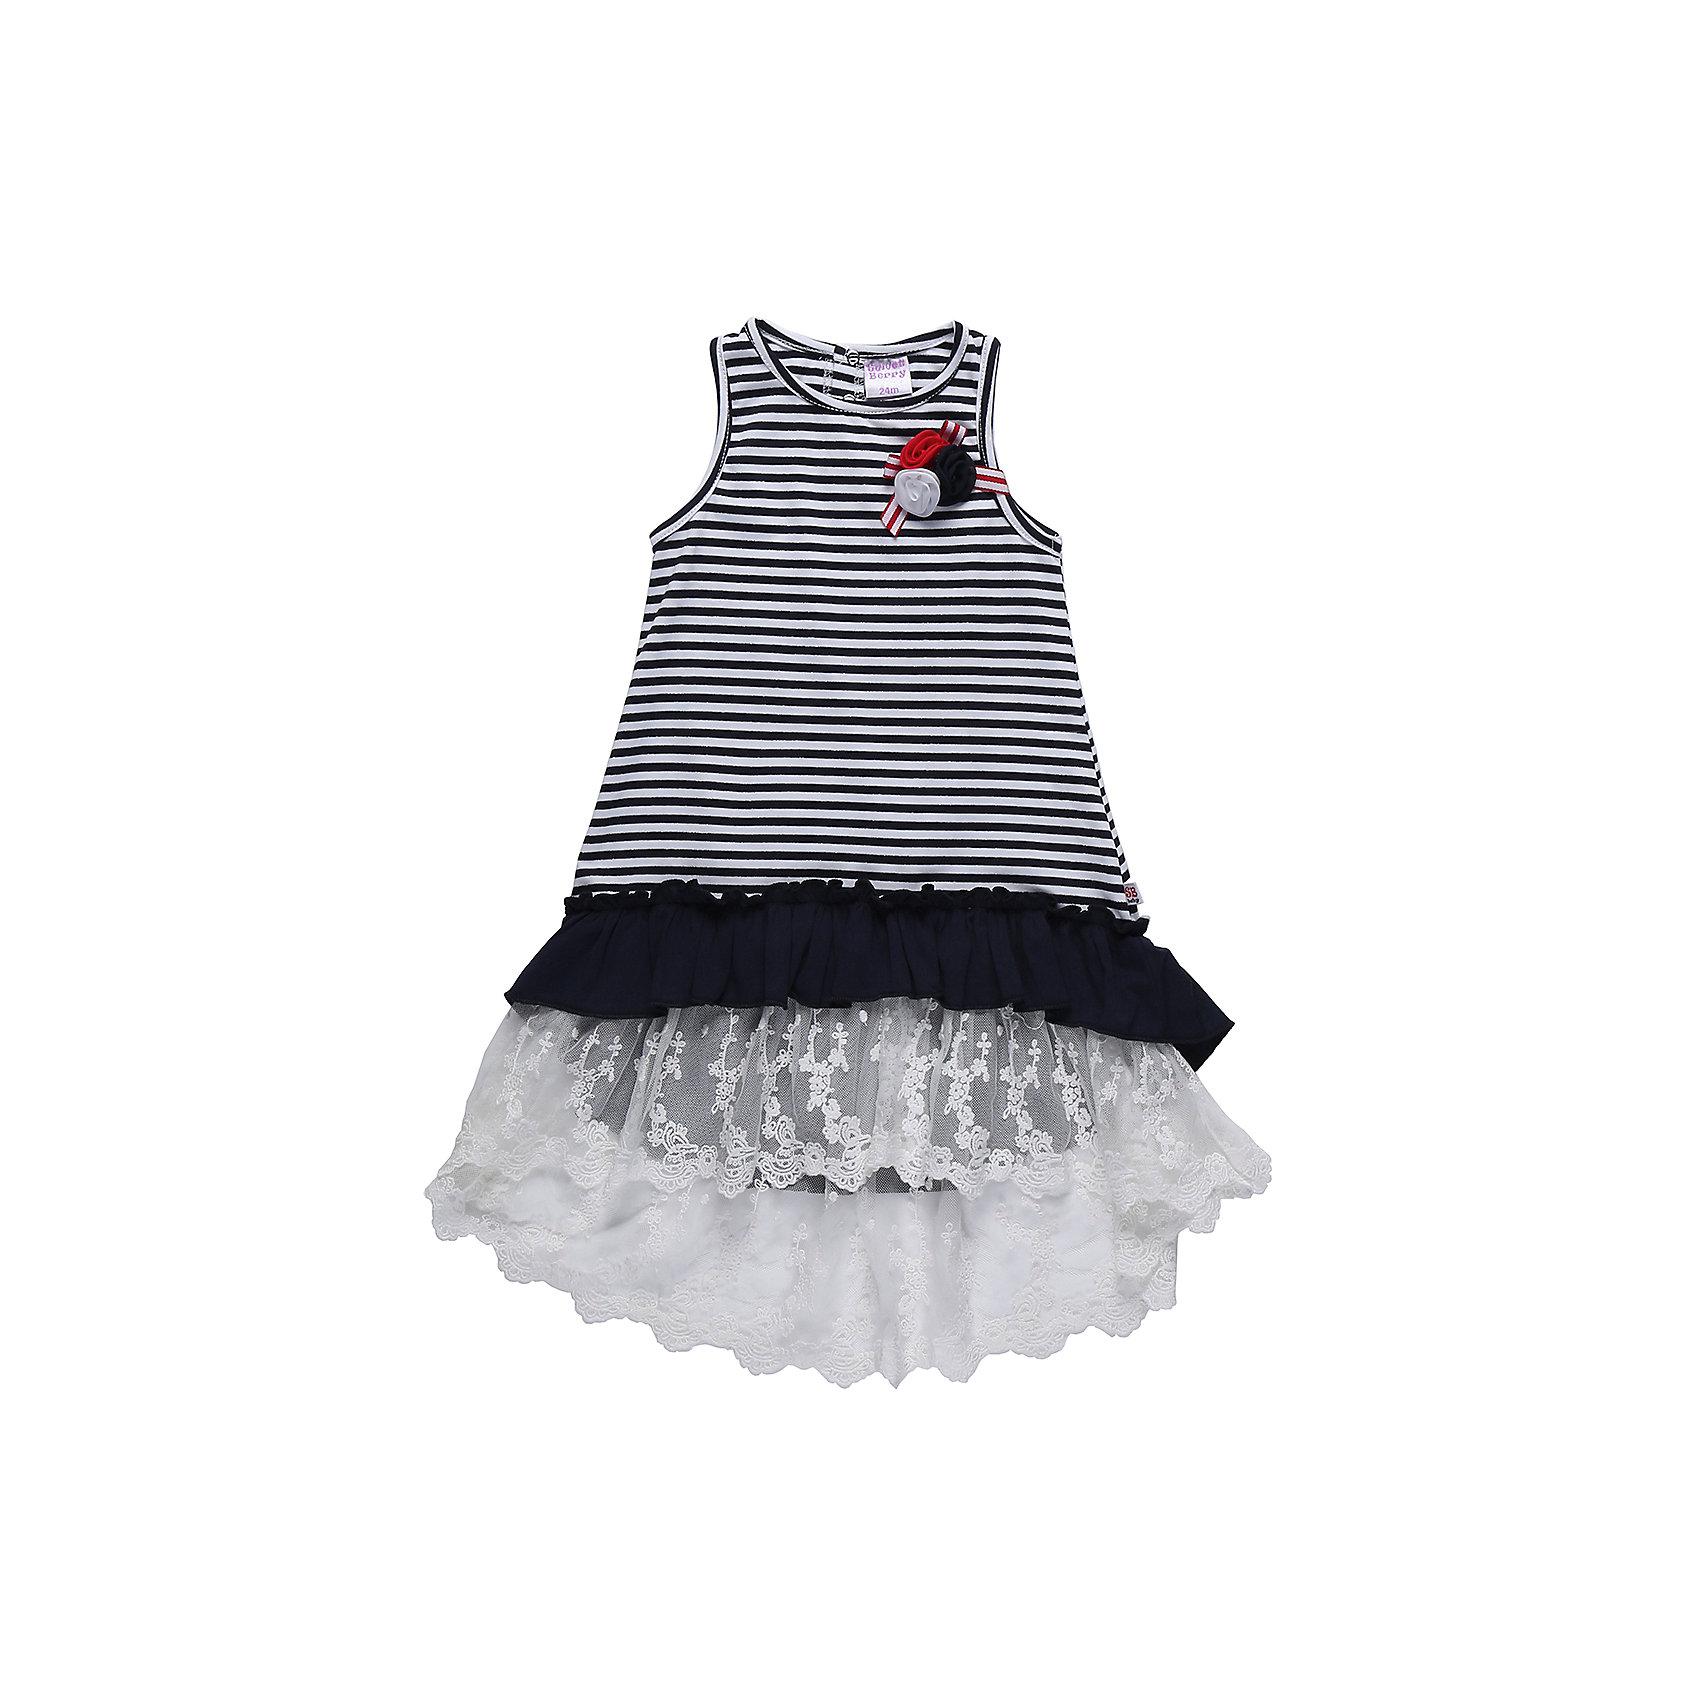 Платье для девочки Sweet BerryПлатья<br>Летный сарафан из трикотажной ткани в полоску для девочки. Декорирован воланами из контрастной ткани и кружевом. Лиф украшен брошью из цветов. Сзади сарафан застегивается на кнопки.<br>Состав:<br>95%хлопок 5%эластан<br><br>Ширина мм: 236<br>Глубина мм: 16<br>Высота мм: 184<br>Вес г: 177<br>Цвет: разноцветный<br>Возраст от месяцев: 12<br>Возраст до месяцев: 15<br>Пол: Женский<br>Возраст: Детский<br>Размер: 80,86,92,98<br>SKU: 5411130